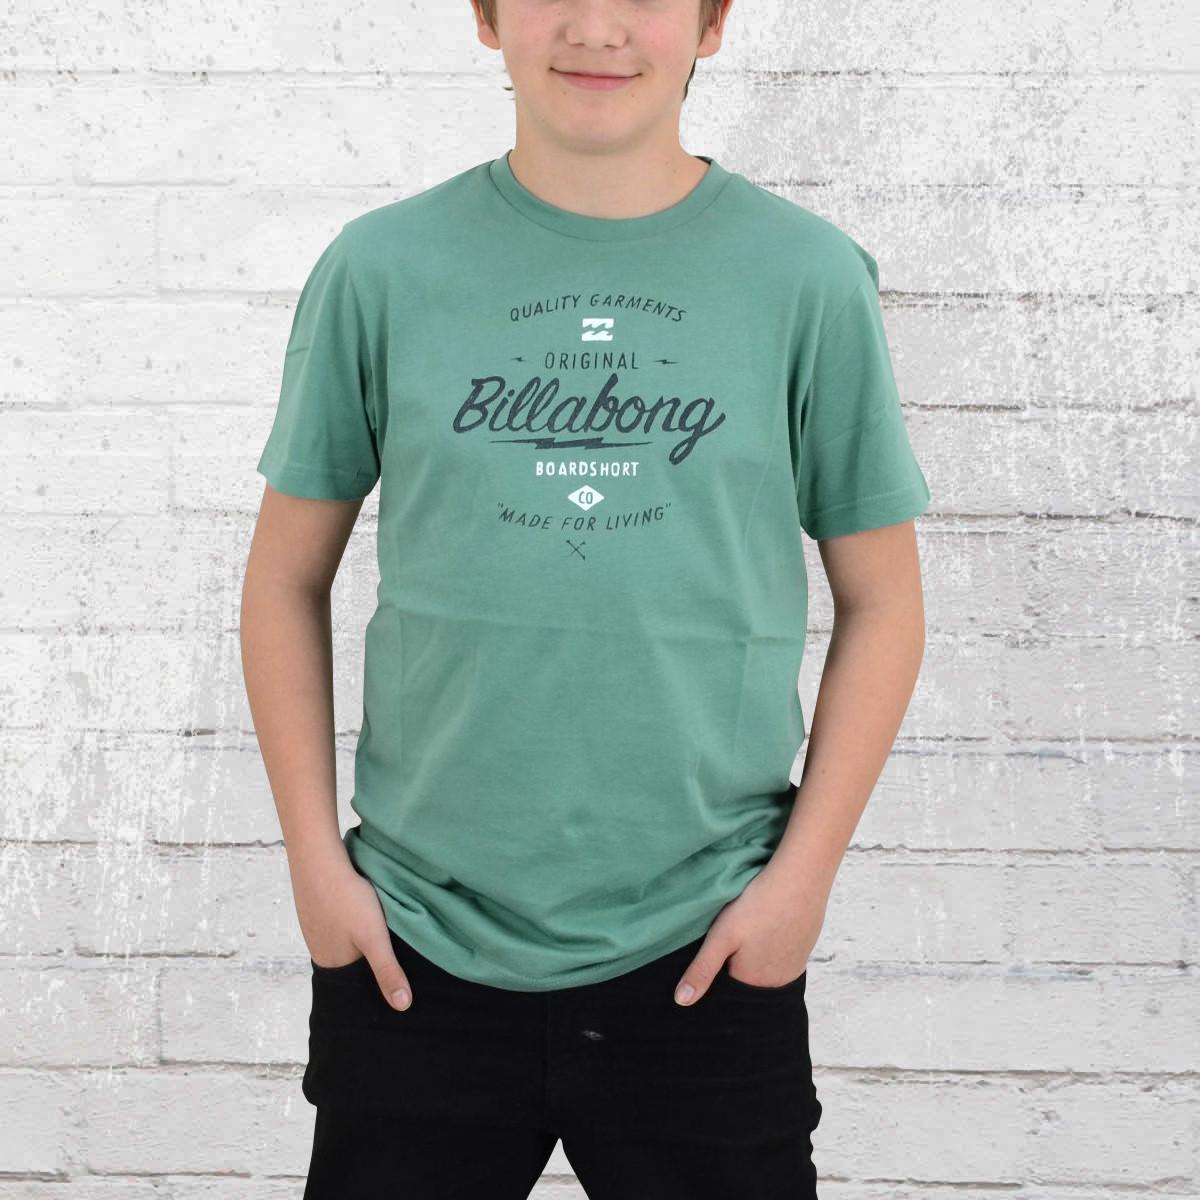 DC Shoes Kids Flexfit Cap Star 2 Boys black 29,95 € *. Close. Billabong  Kids T-Shirt Chopper ...